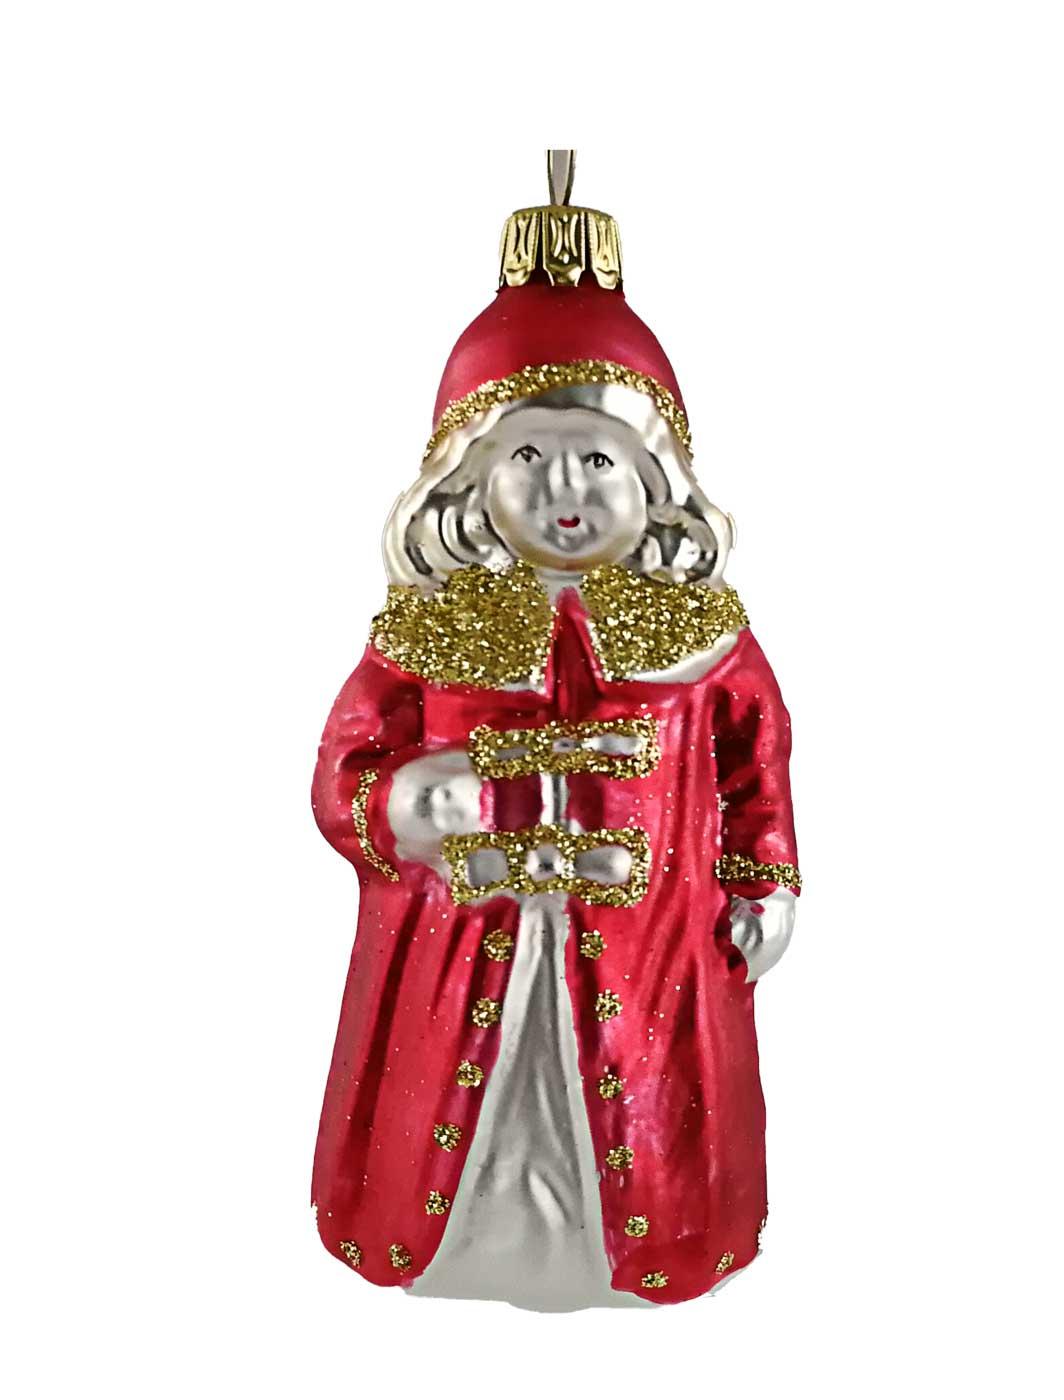 Christkind mit rotem Mantel